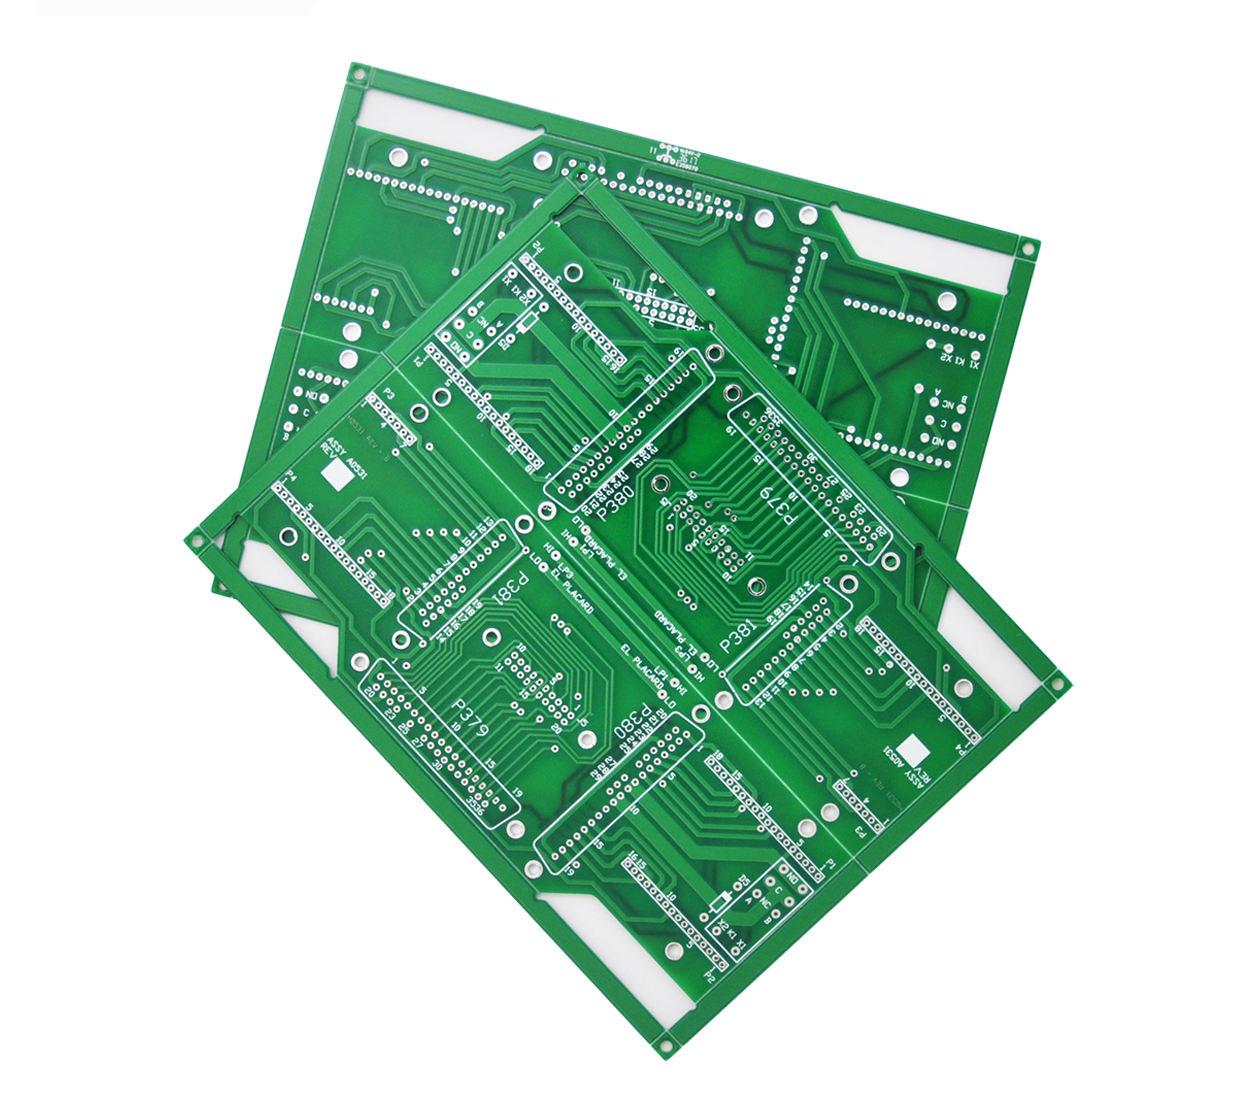 FR4 Materiale di Base e 4mil Min. Linea Spaziatura nokia telefono mobile pcb